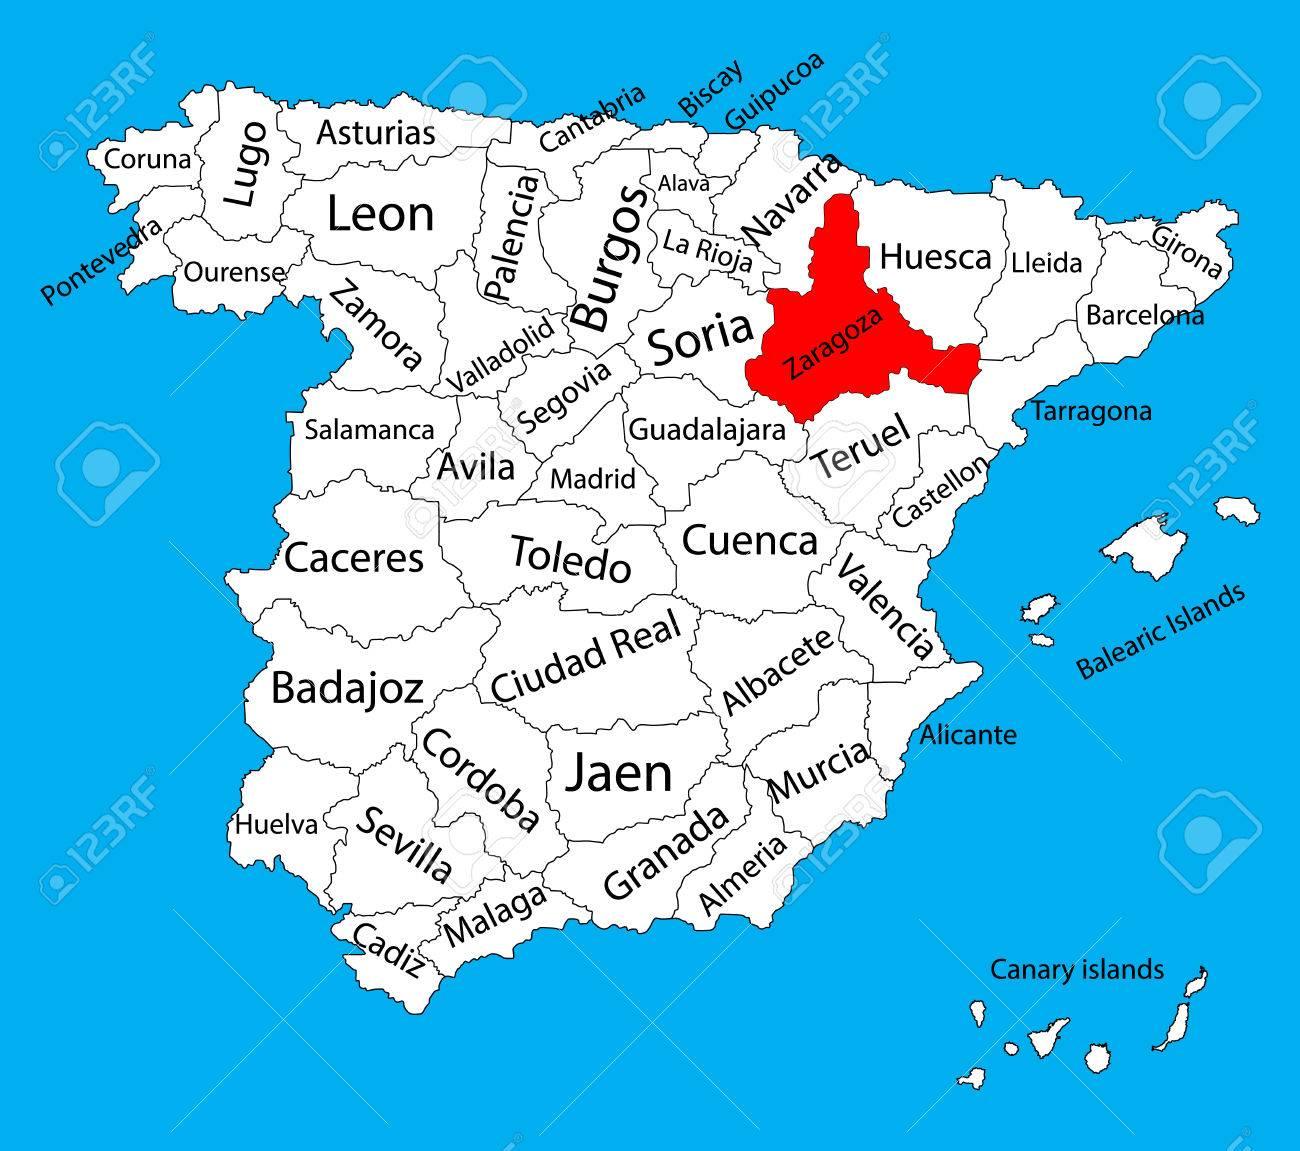 Mapa-zaragoza-mapa-españa-en-Curso-online-gratis